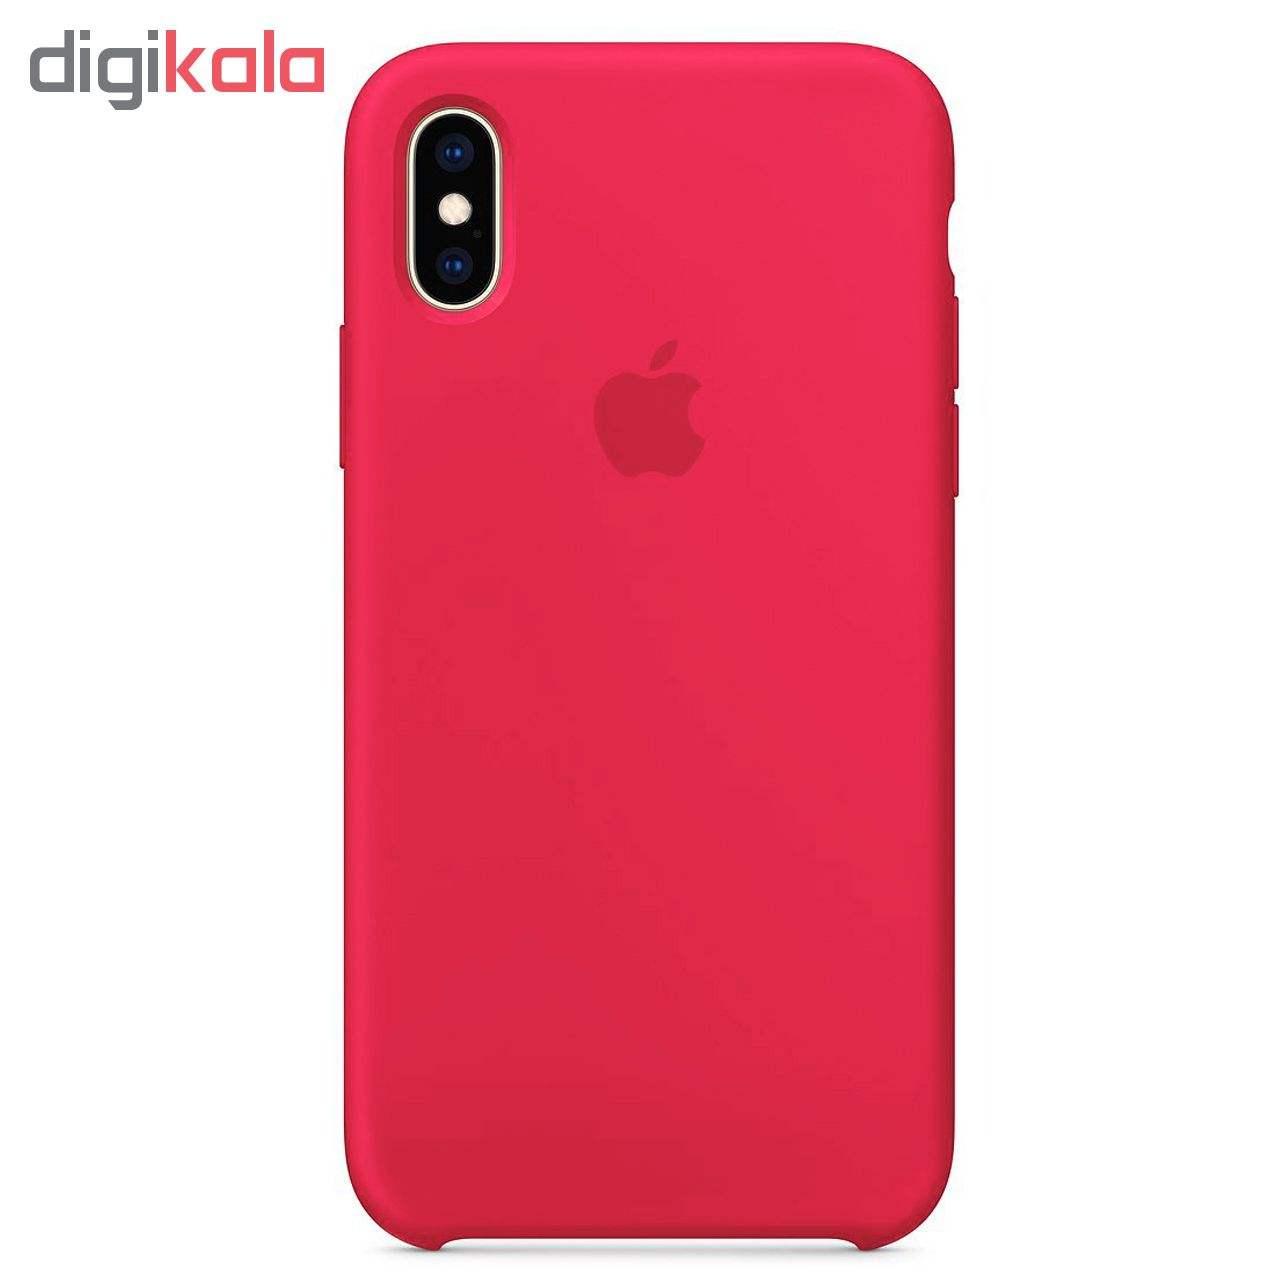 کاور مدل sili004 مناسب برای گوشی موبایل اپل Iphone XS Max main 1 6